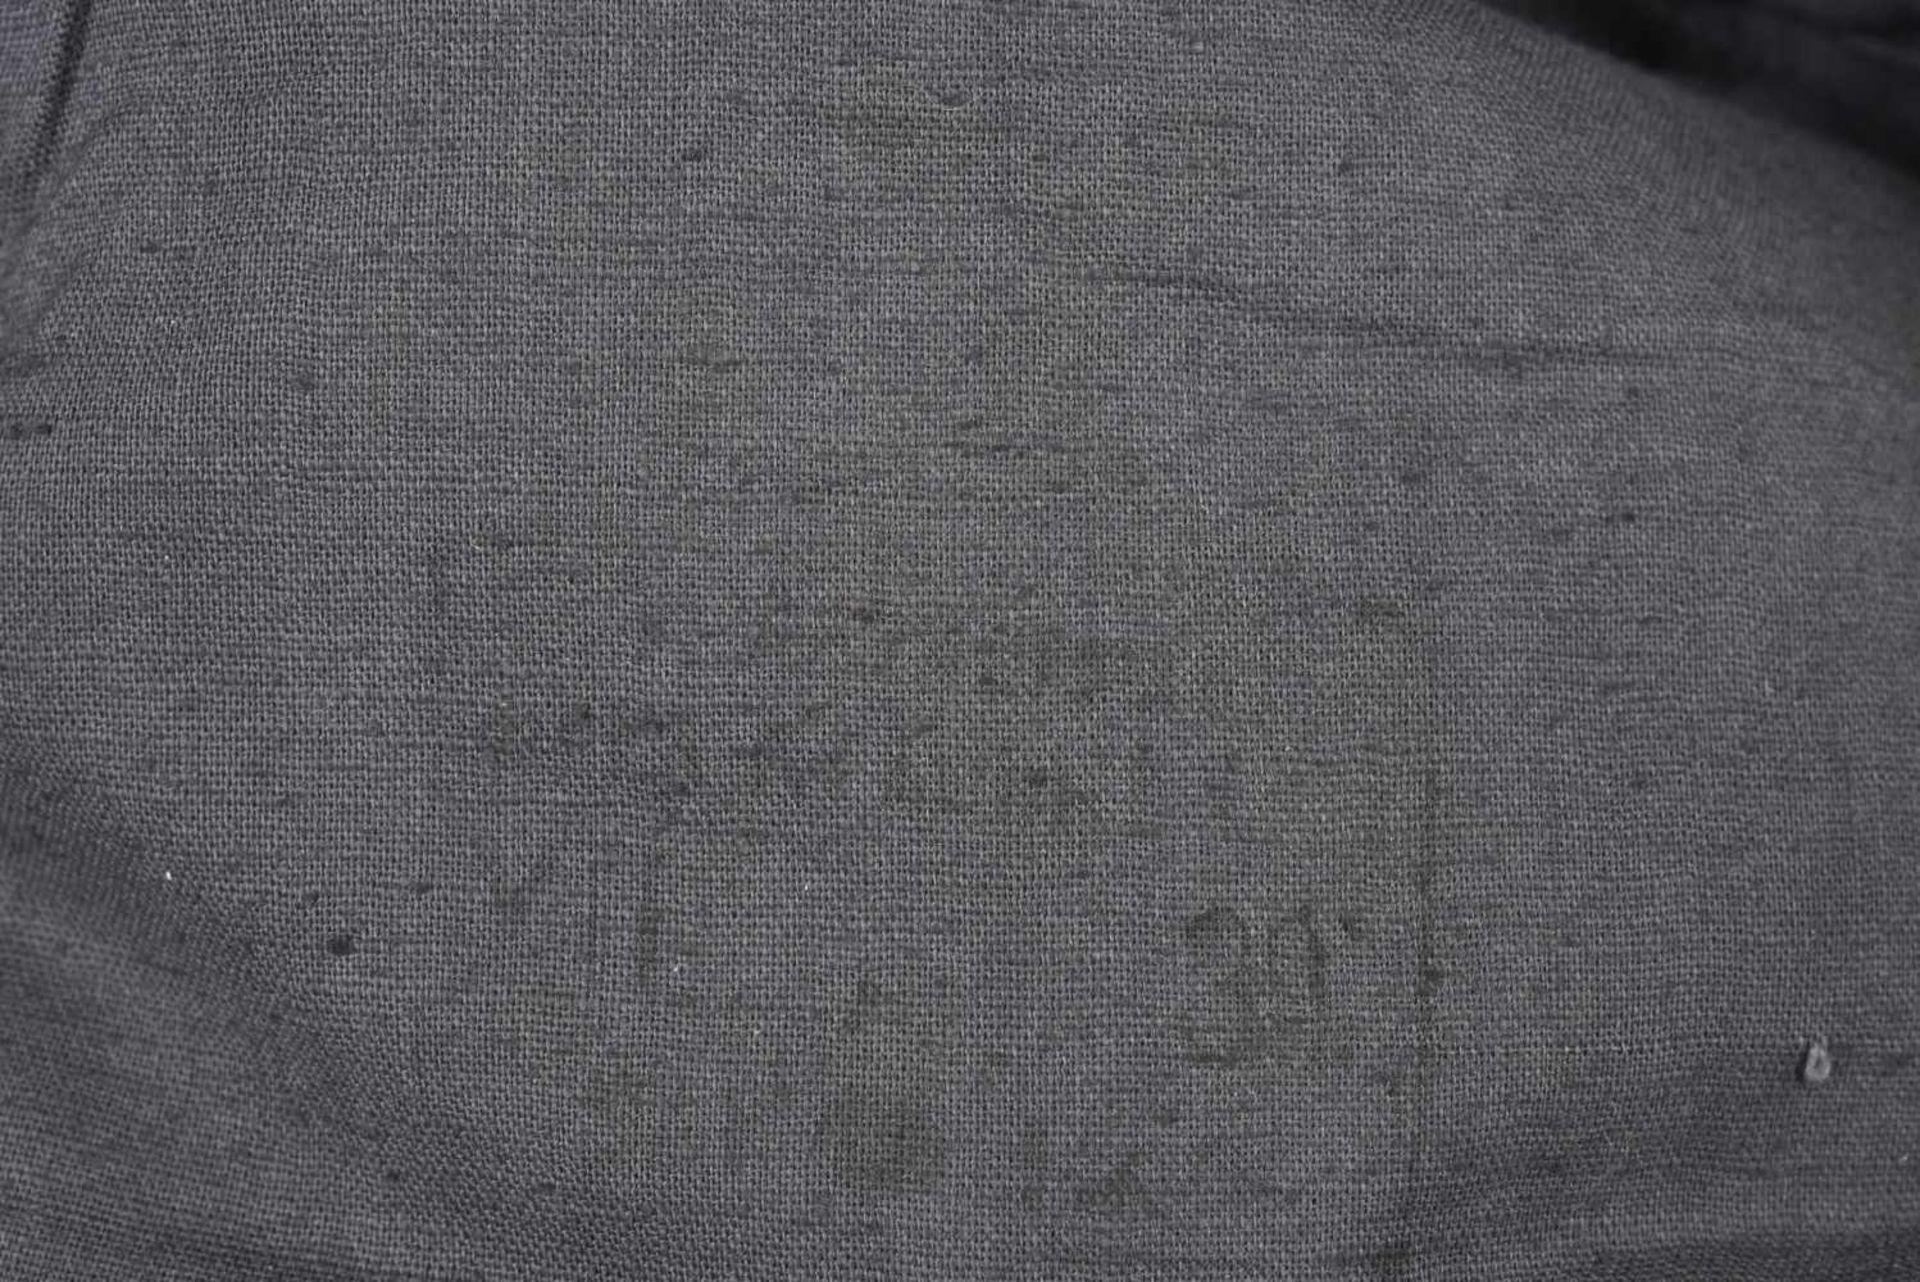 Calot M.35 reconnaissable au tissu laineux couramment utilisé dans les années 30. Etoile rouge en 24 - Bild 2 aus 4